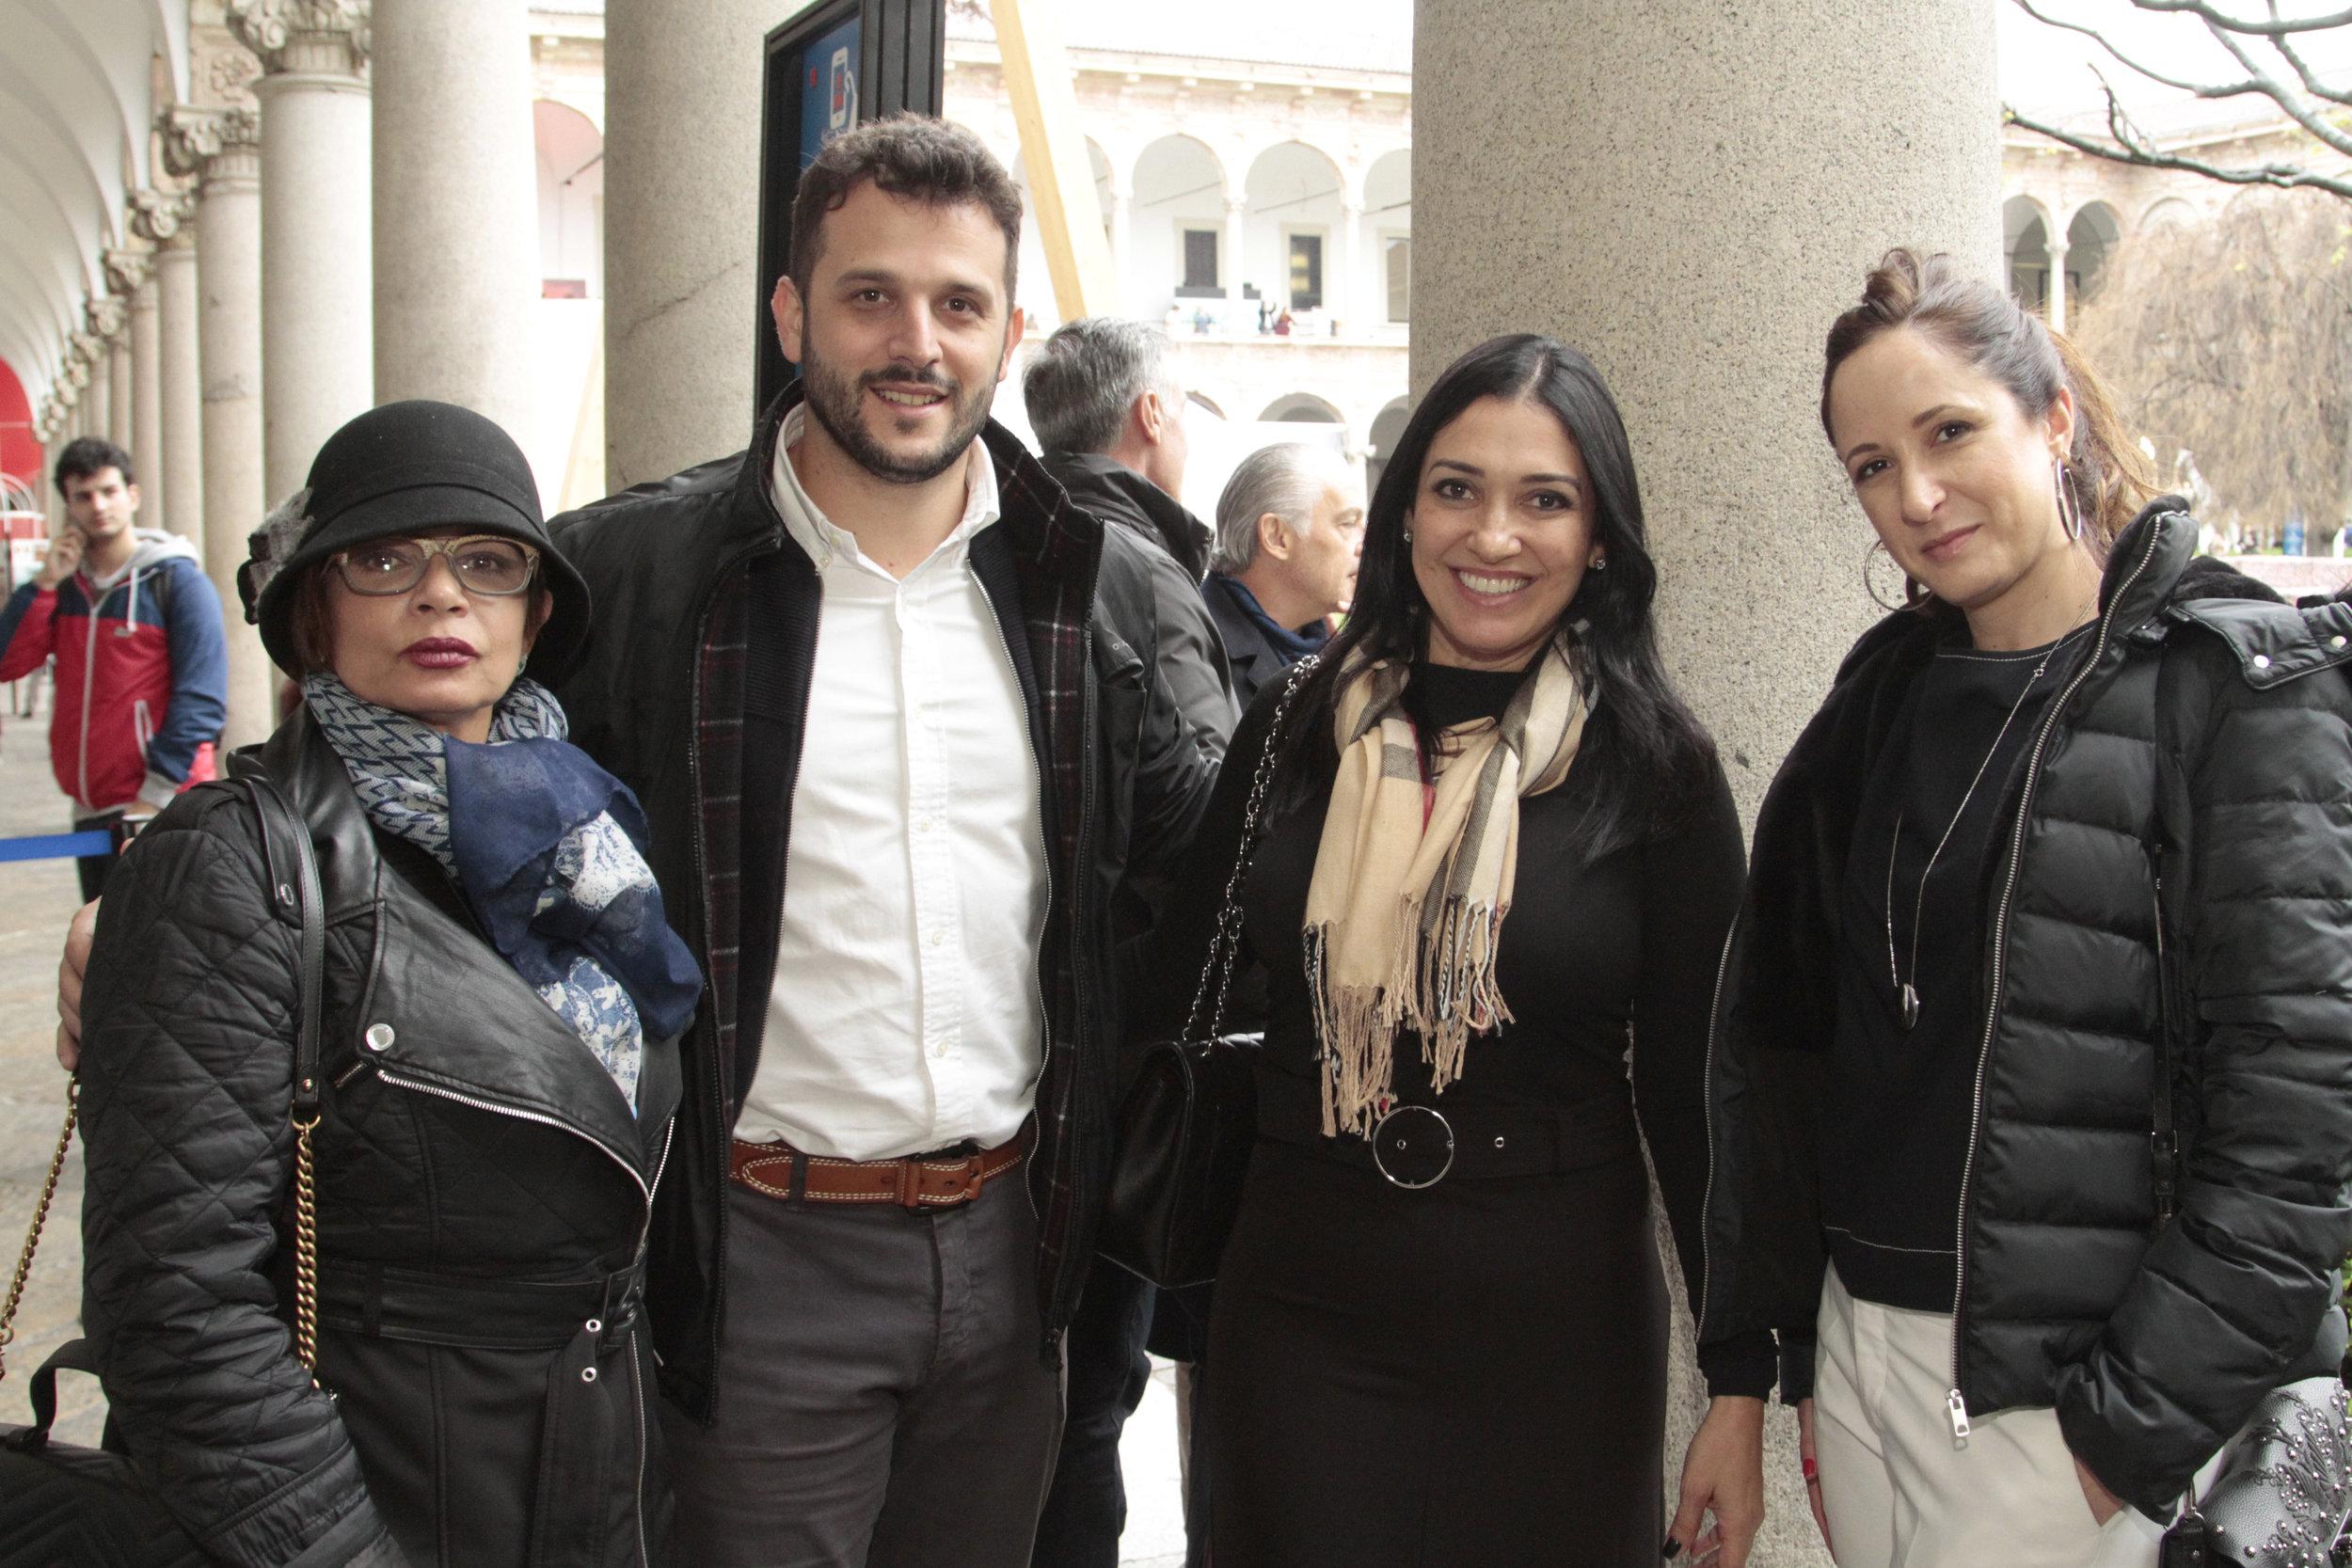 Emmilia Cardoso, Lucas Chequer, Cristina Côrtes e Kelly Figueiredo